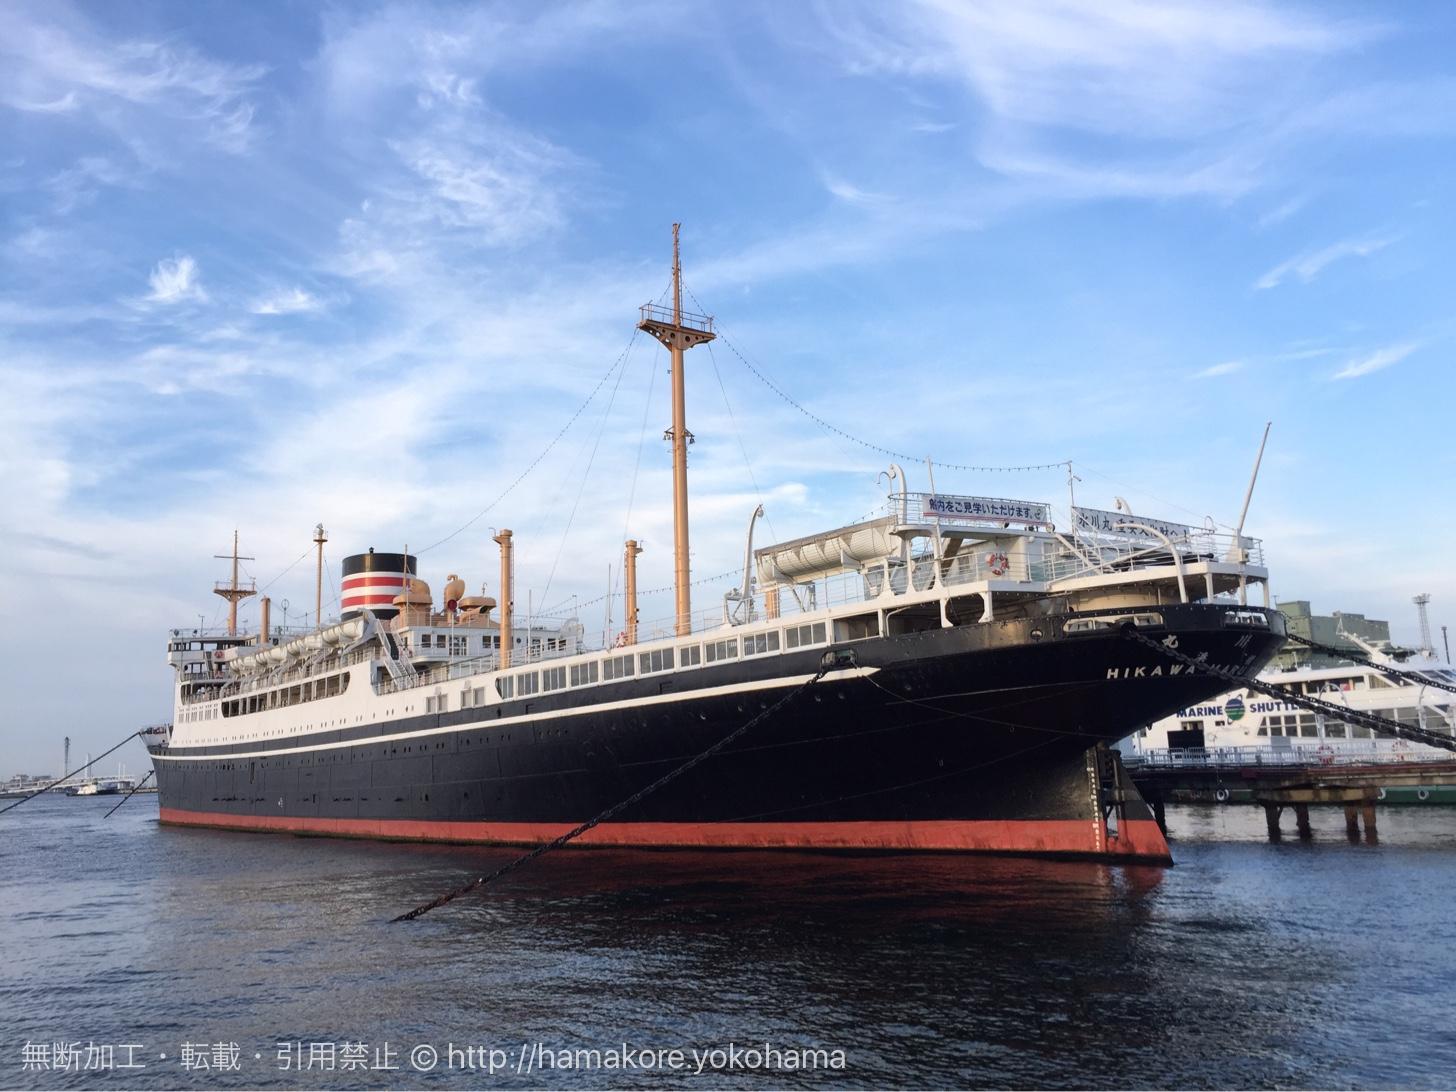 日本郵船氷川丸 観光情報